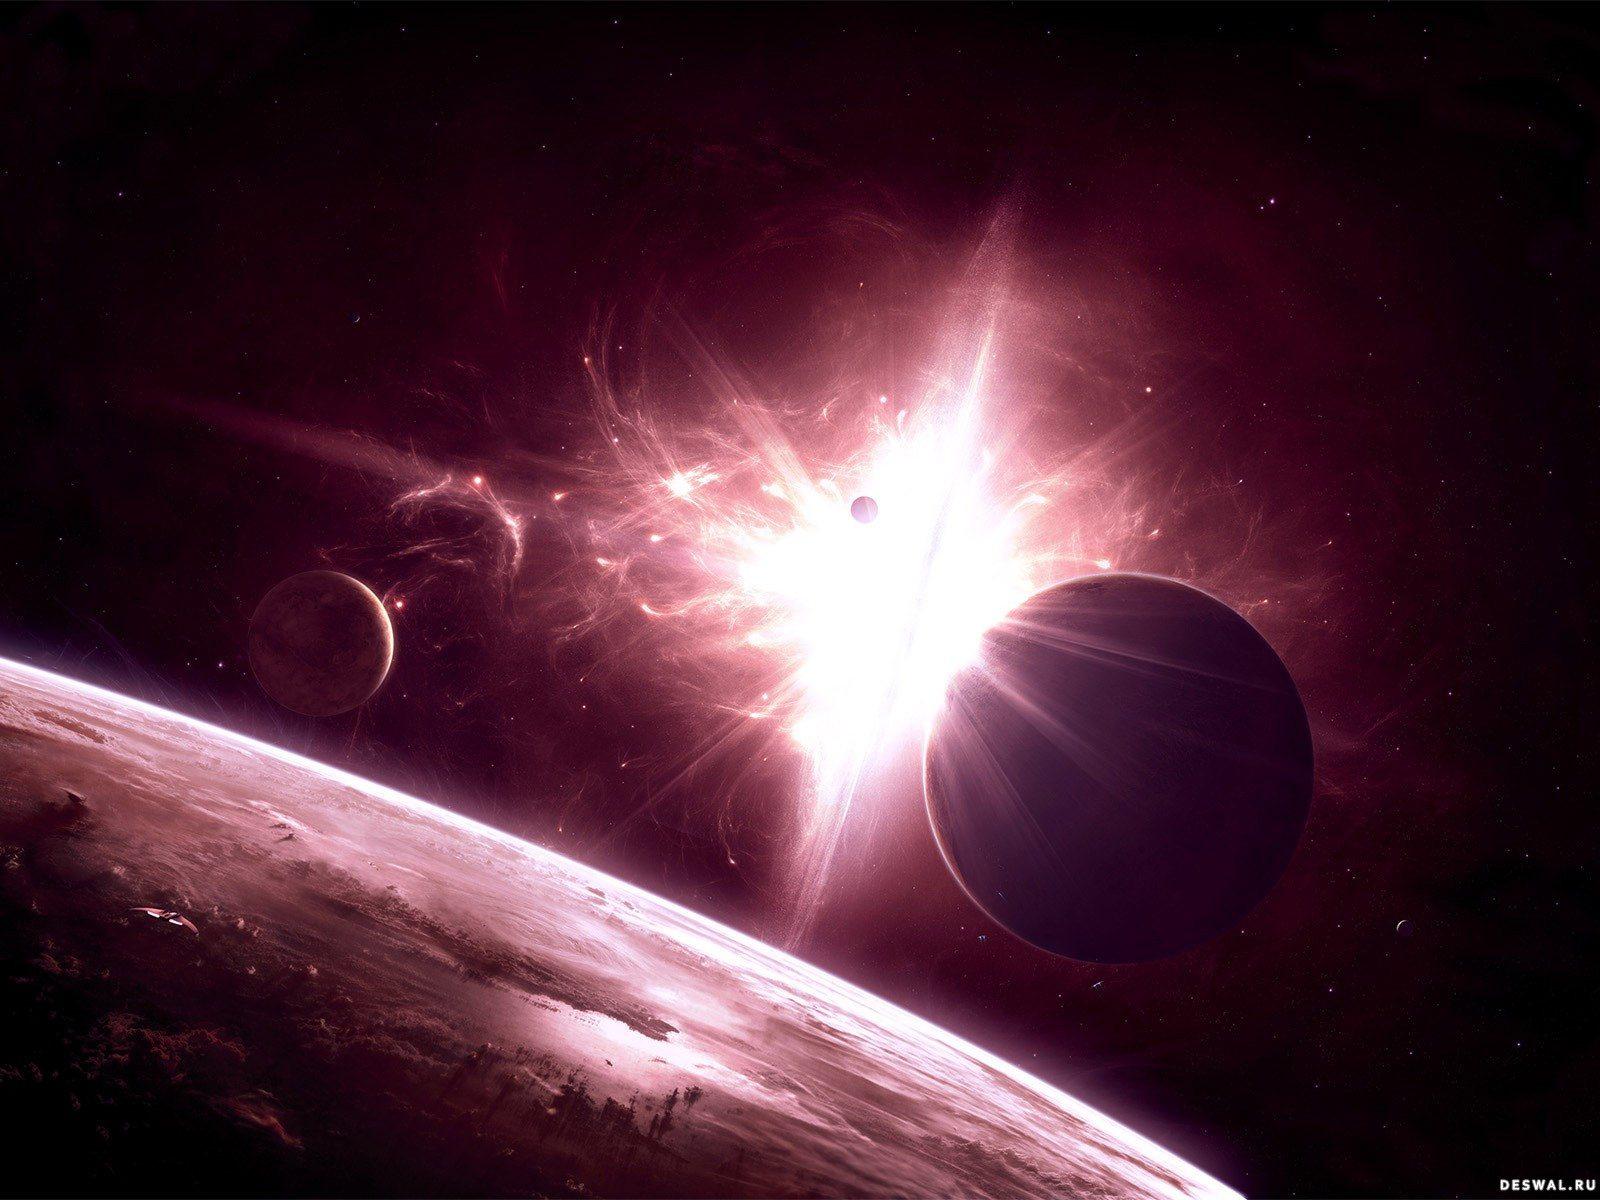 Фото 9.. Нажмите на картинку с обоями космоса, чтобы просмотреть ее в реальном размере